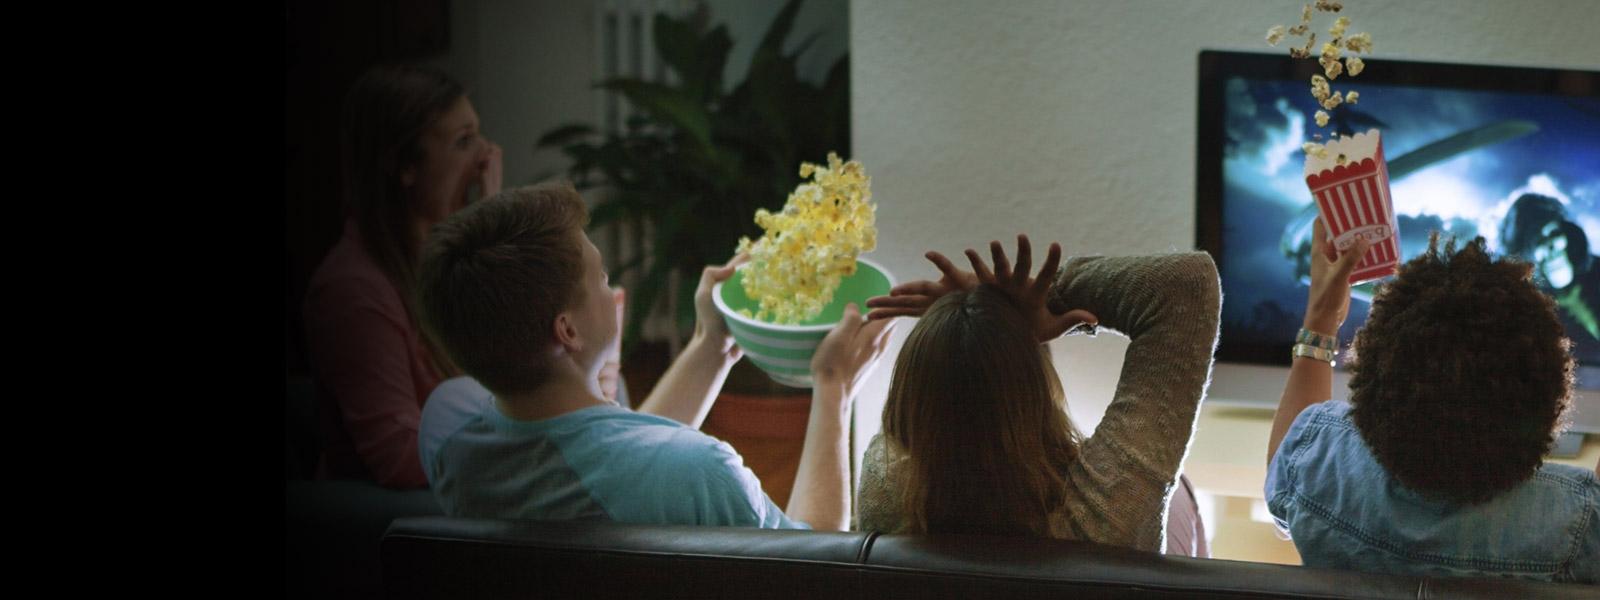 Pessoas sentadas no sofá assistindo a um filme